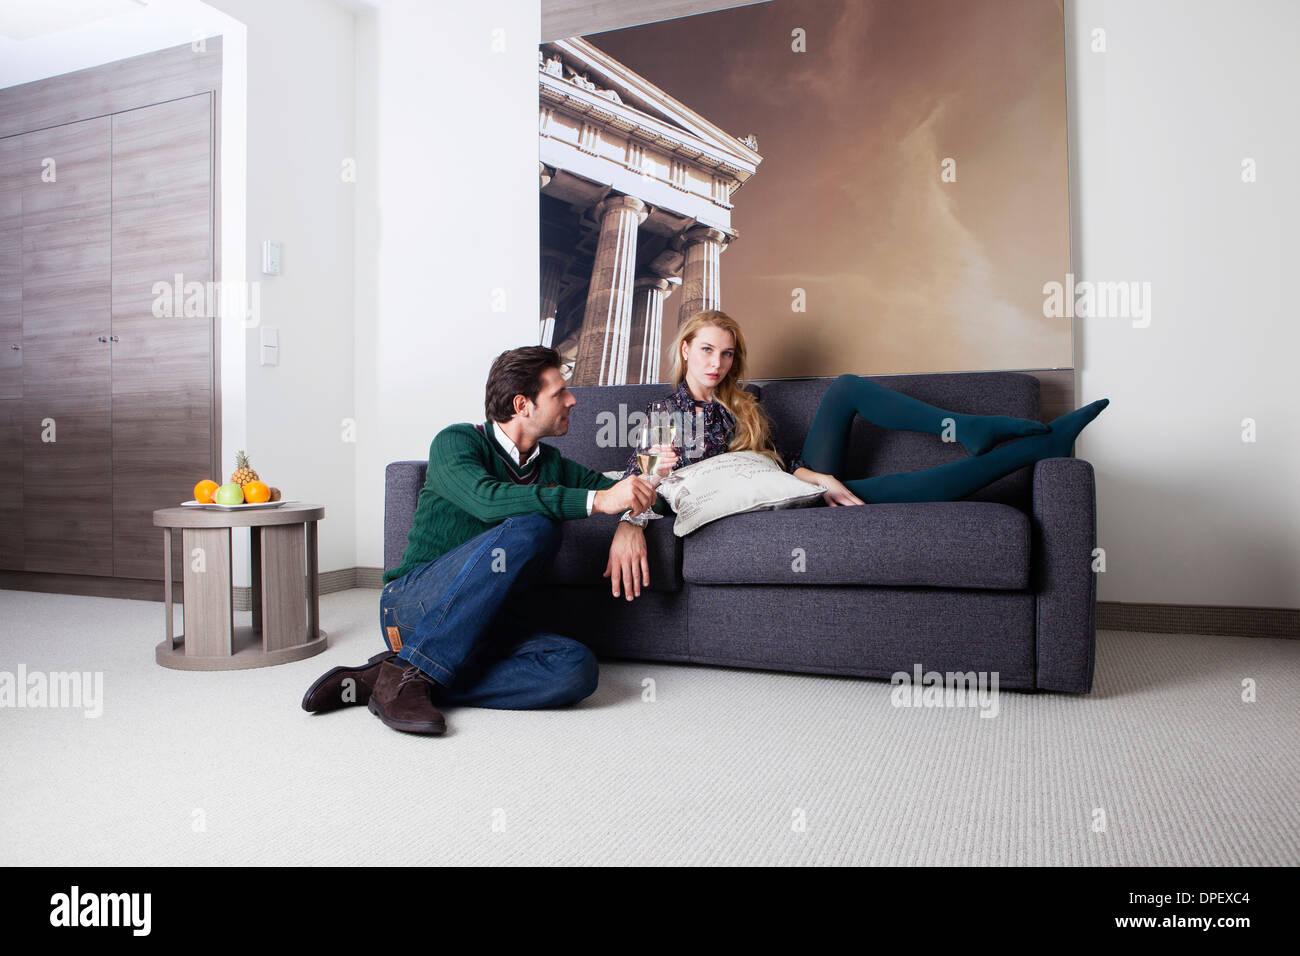 Mann und Frau auf einer Couch in einem Hotelzimmer Stockbild